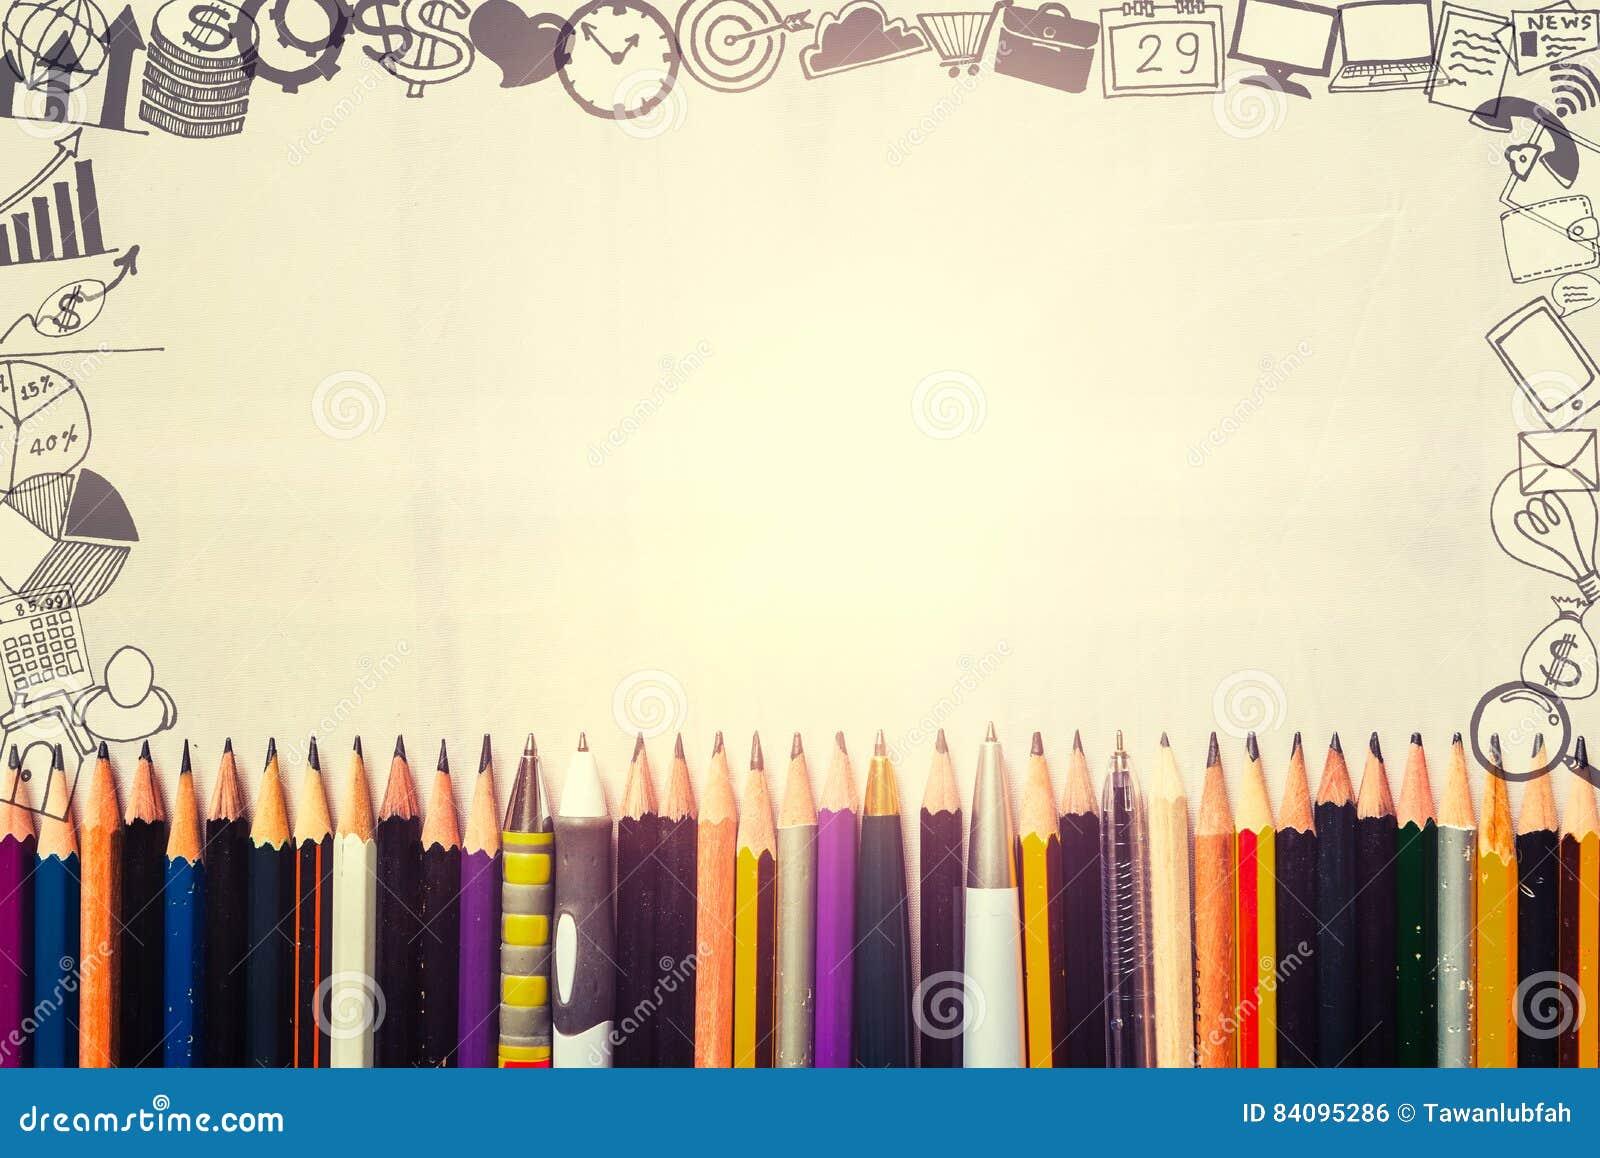 Molte penne e matite con le icone del disegno di affari intorno al confine